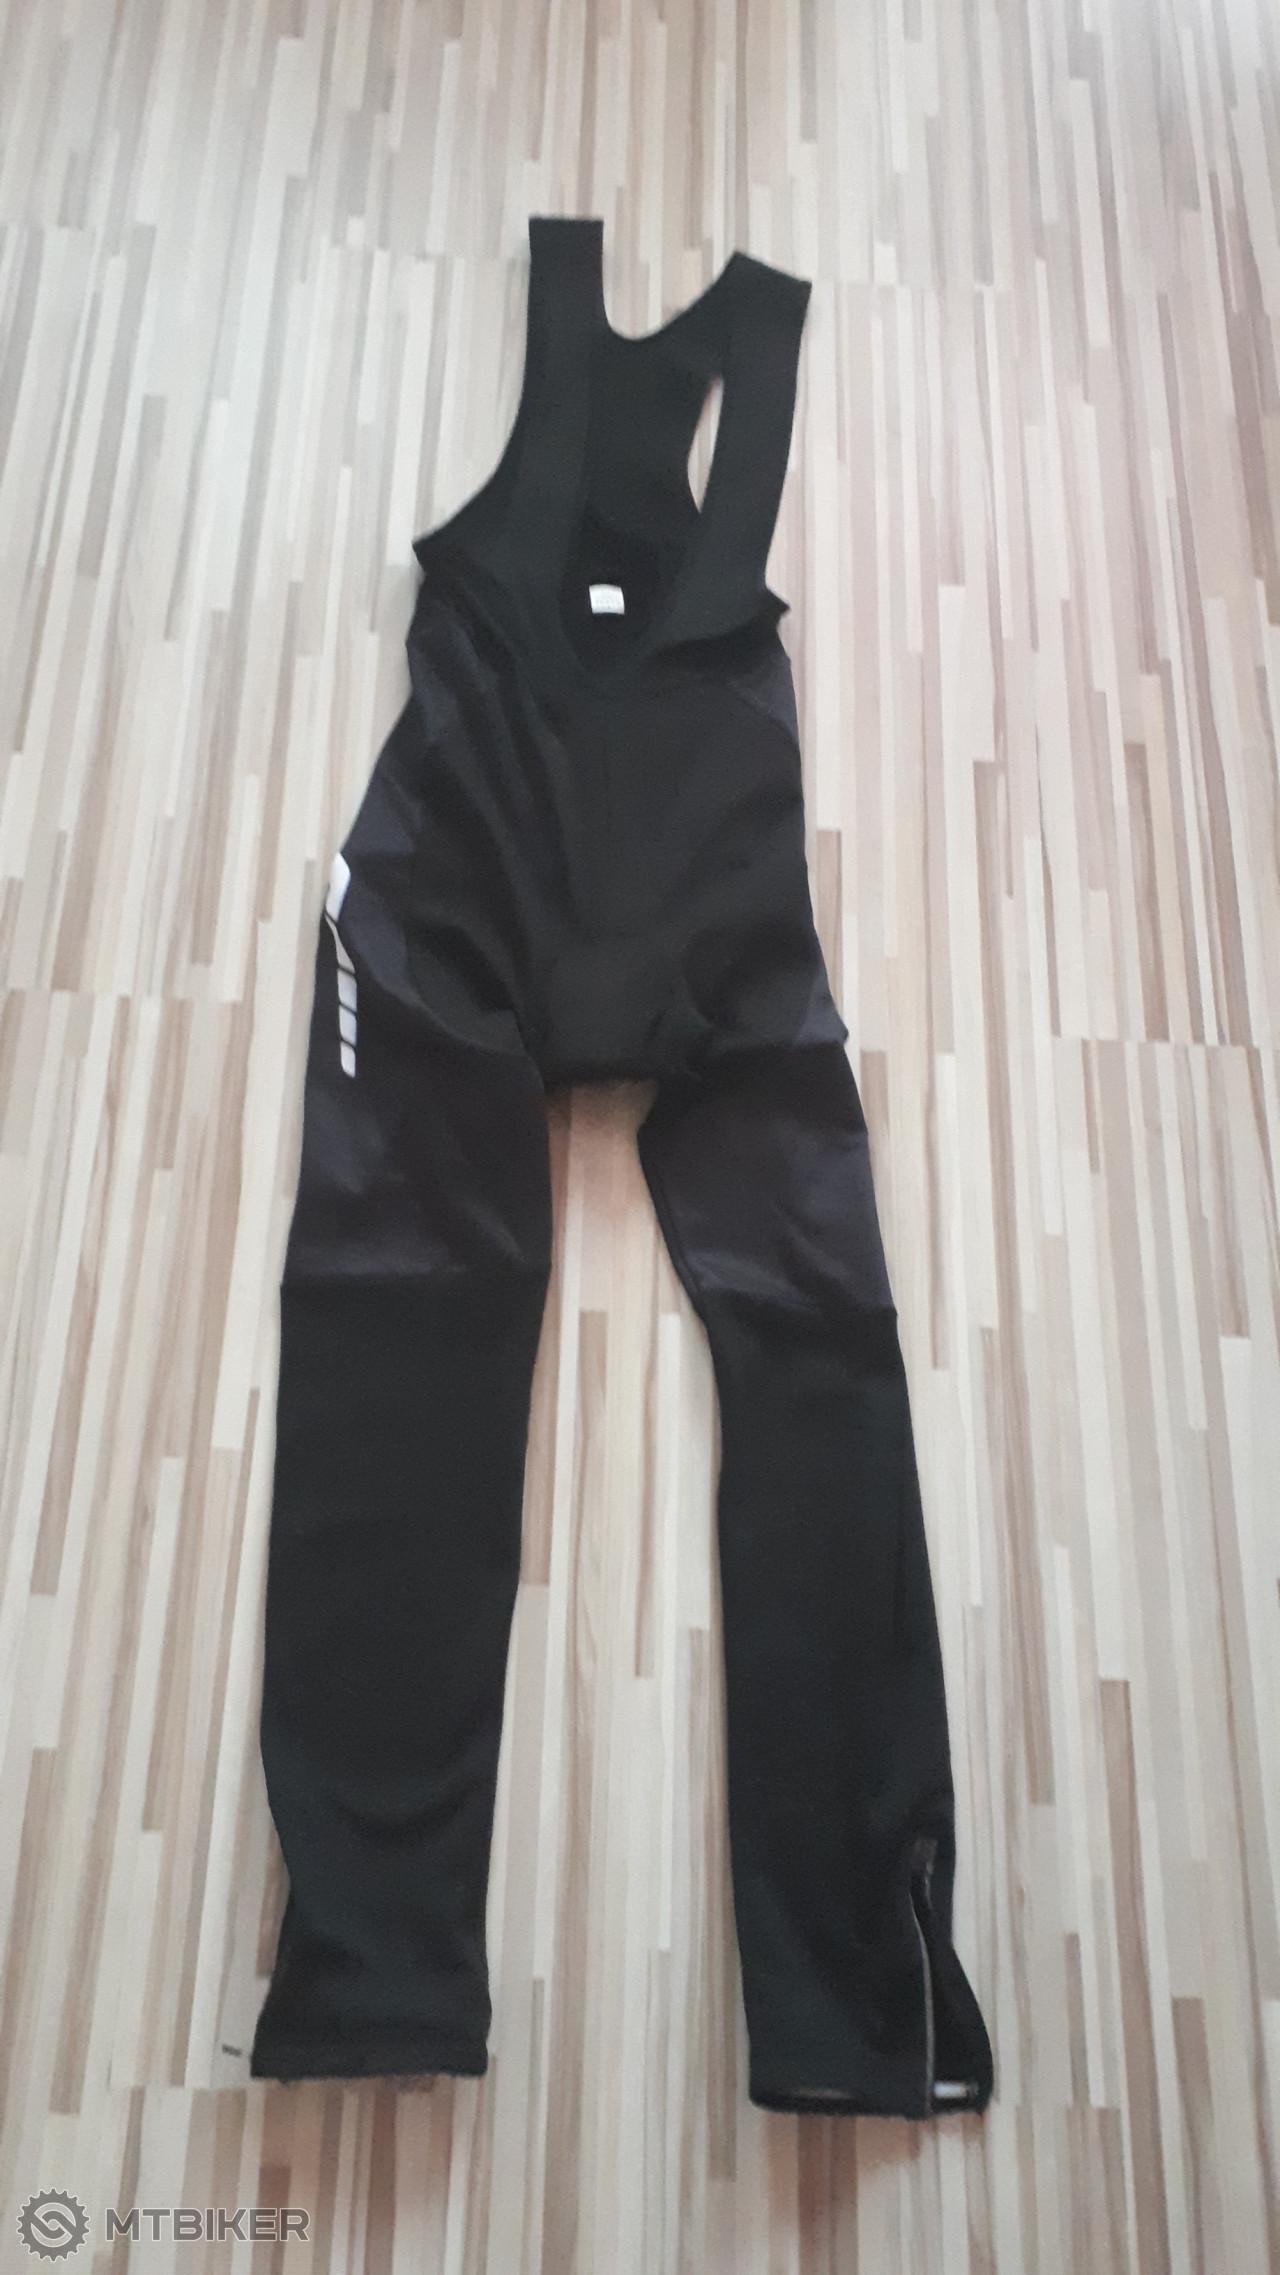 a071e8bcc945d Cyklo Nohavice - Príslušenstvo - Oblečenie a batohy - Bazár MTBIKER